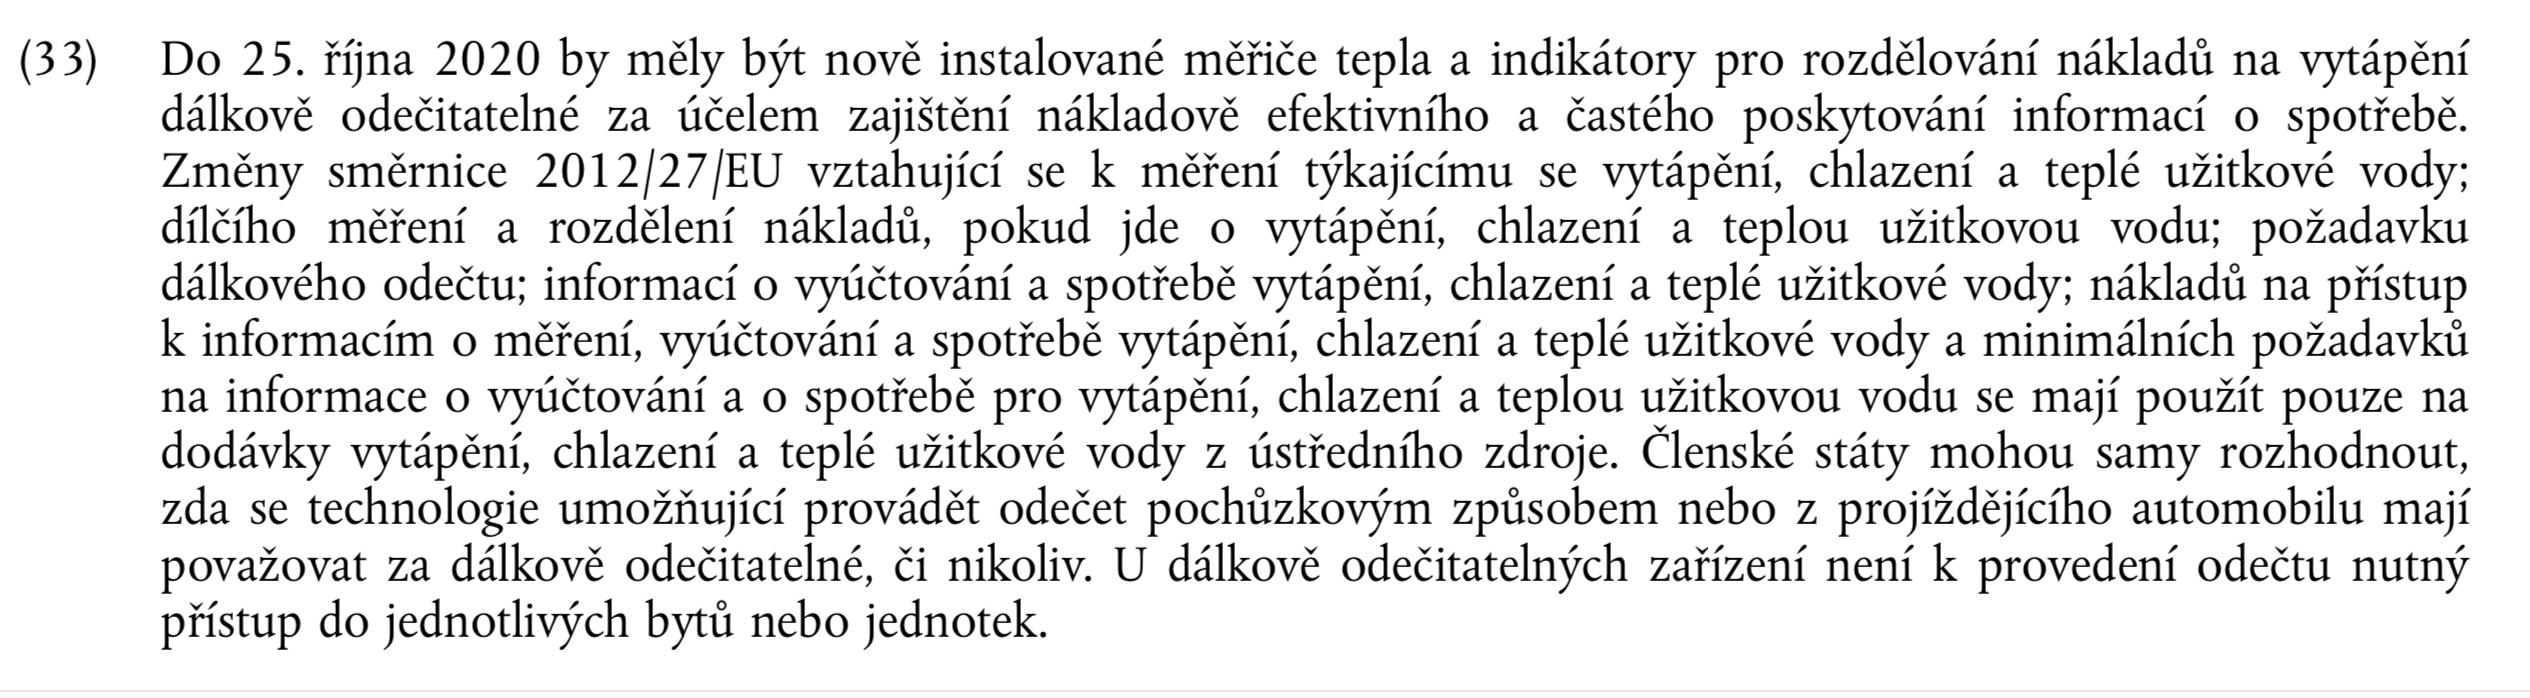 směrnice 2018/2002 měřidla dálkové odečty